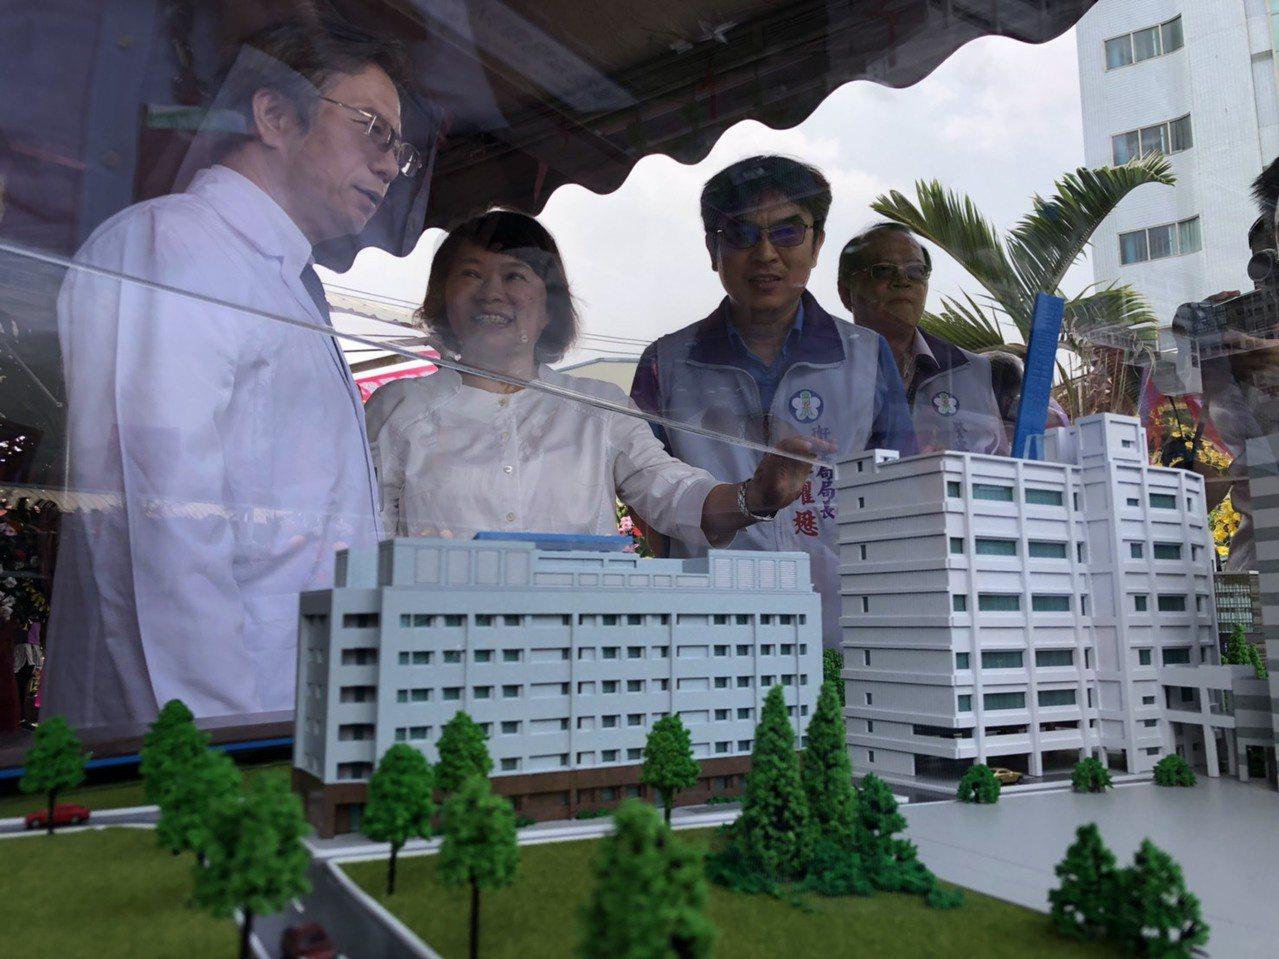 嘉基院長姚維仁(左一)和嘉義市長黃敏惠(左二)透過模型大樓,討論嘉義醫療未來願景...